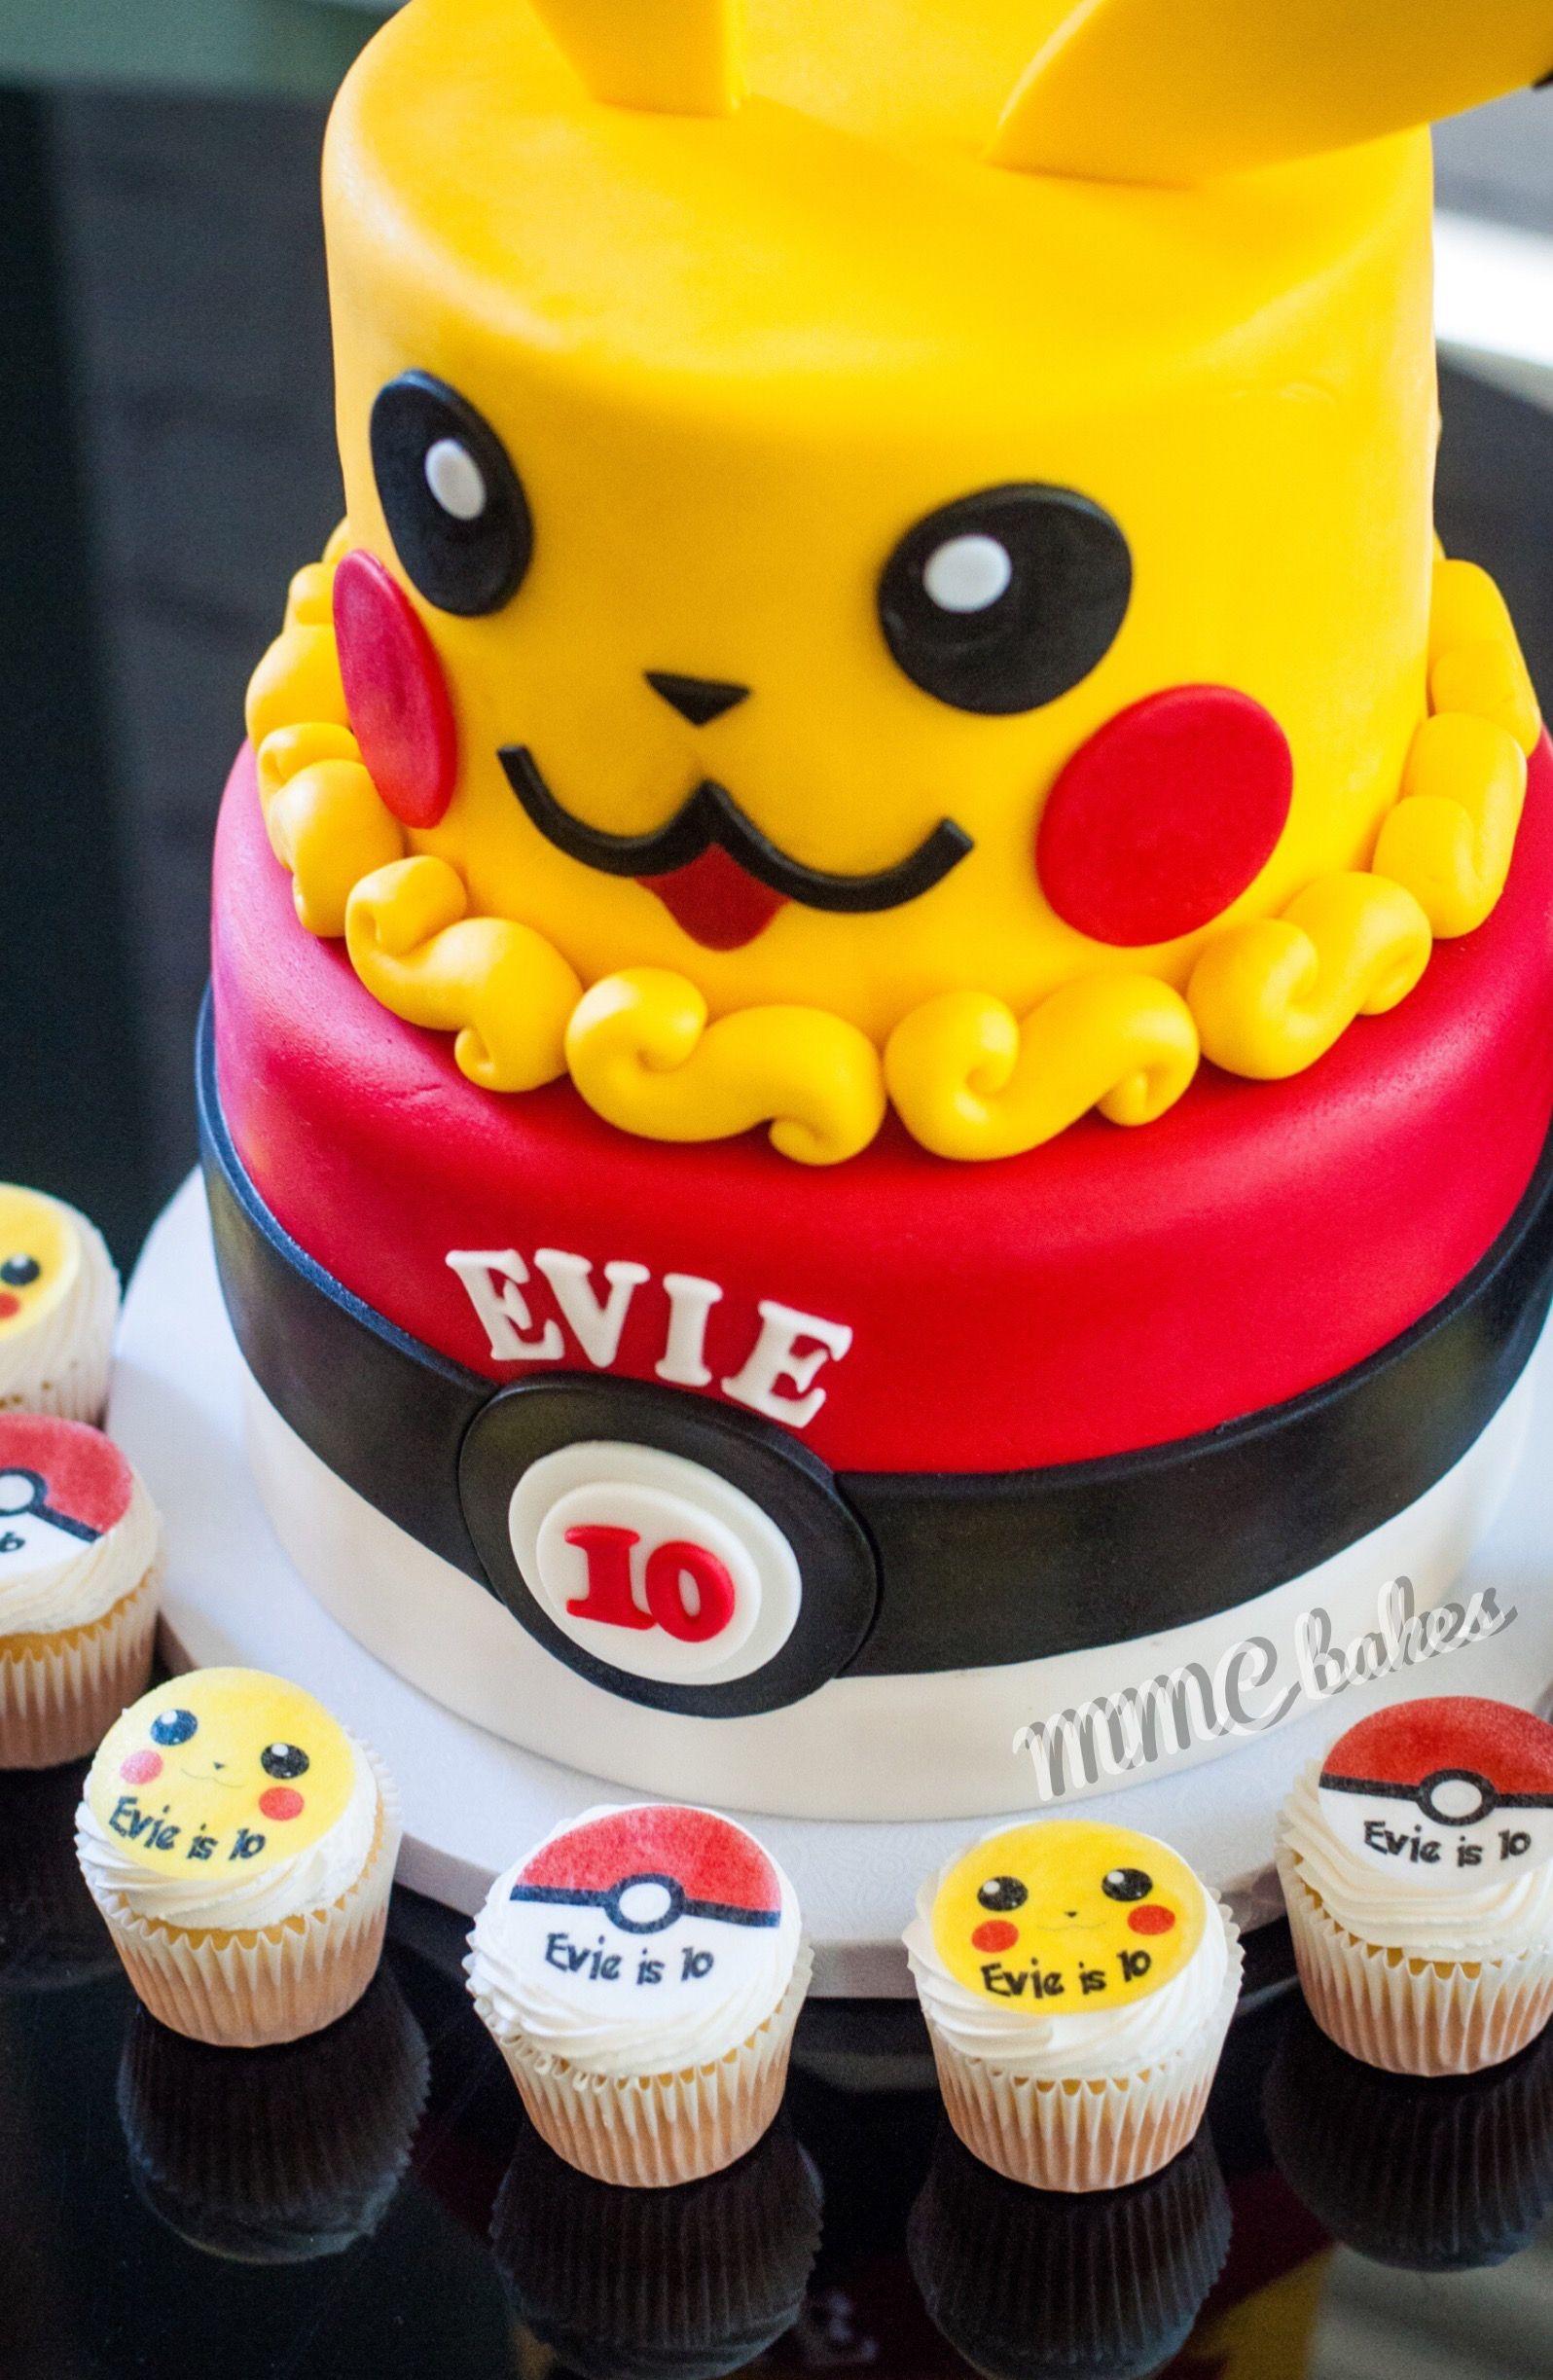 pokemon cake pikachu pokemongo mini cupcakes cupcakes custom